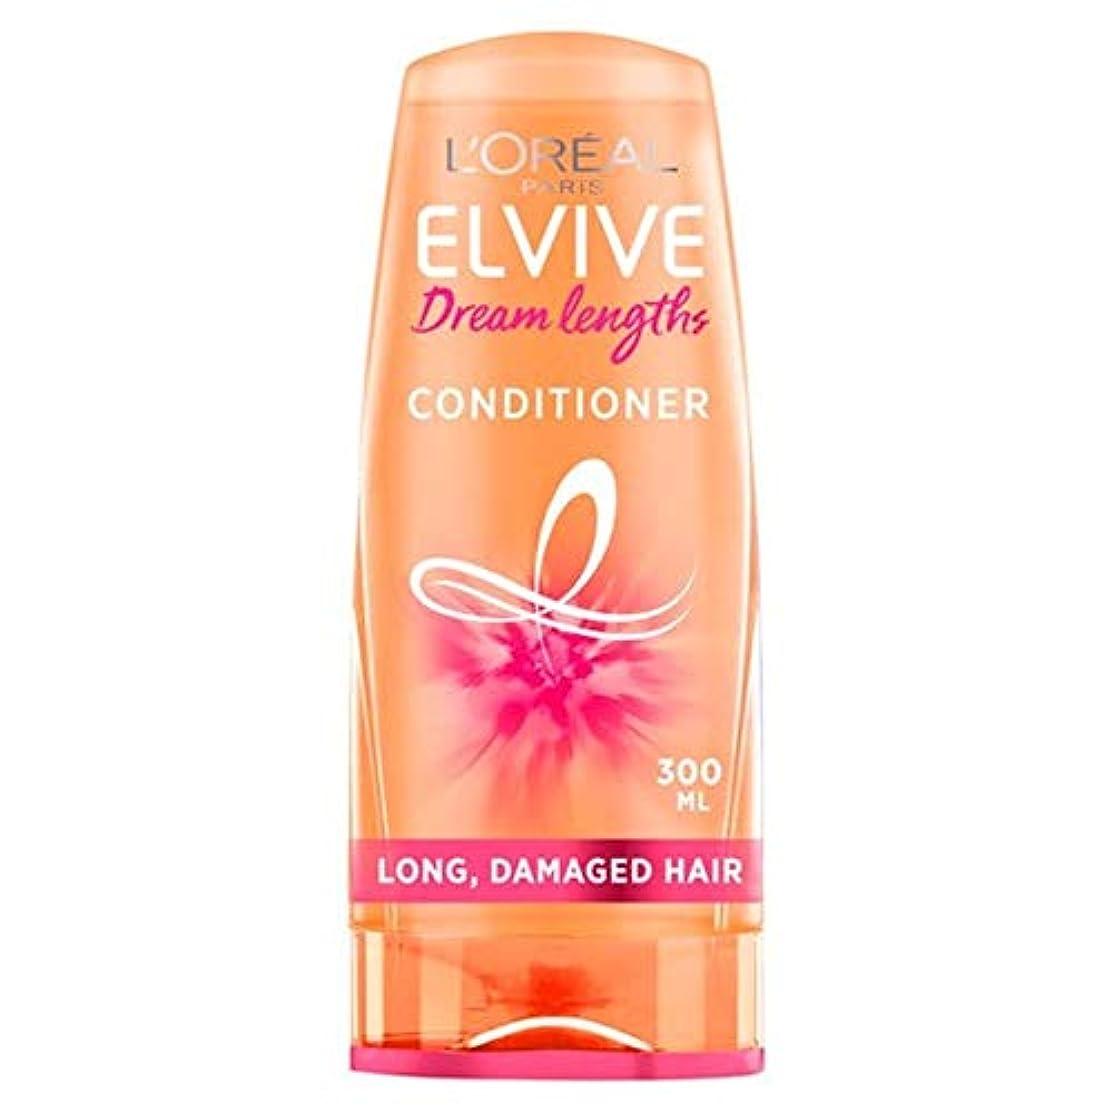 ぴかぴかアクティビティ従来の[Elvive] ロレアルはElvive長ヘアコンディショナー300ミリリットルの夢 - L'oreal Elvive Dream Lengths Hair Conditioner 300Ml [並行輸入品]